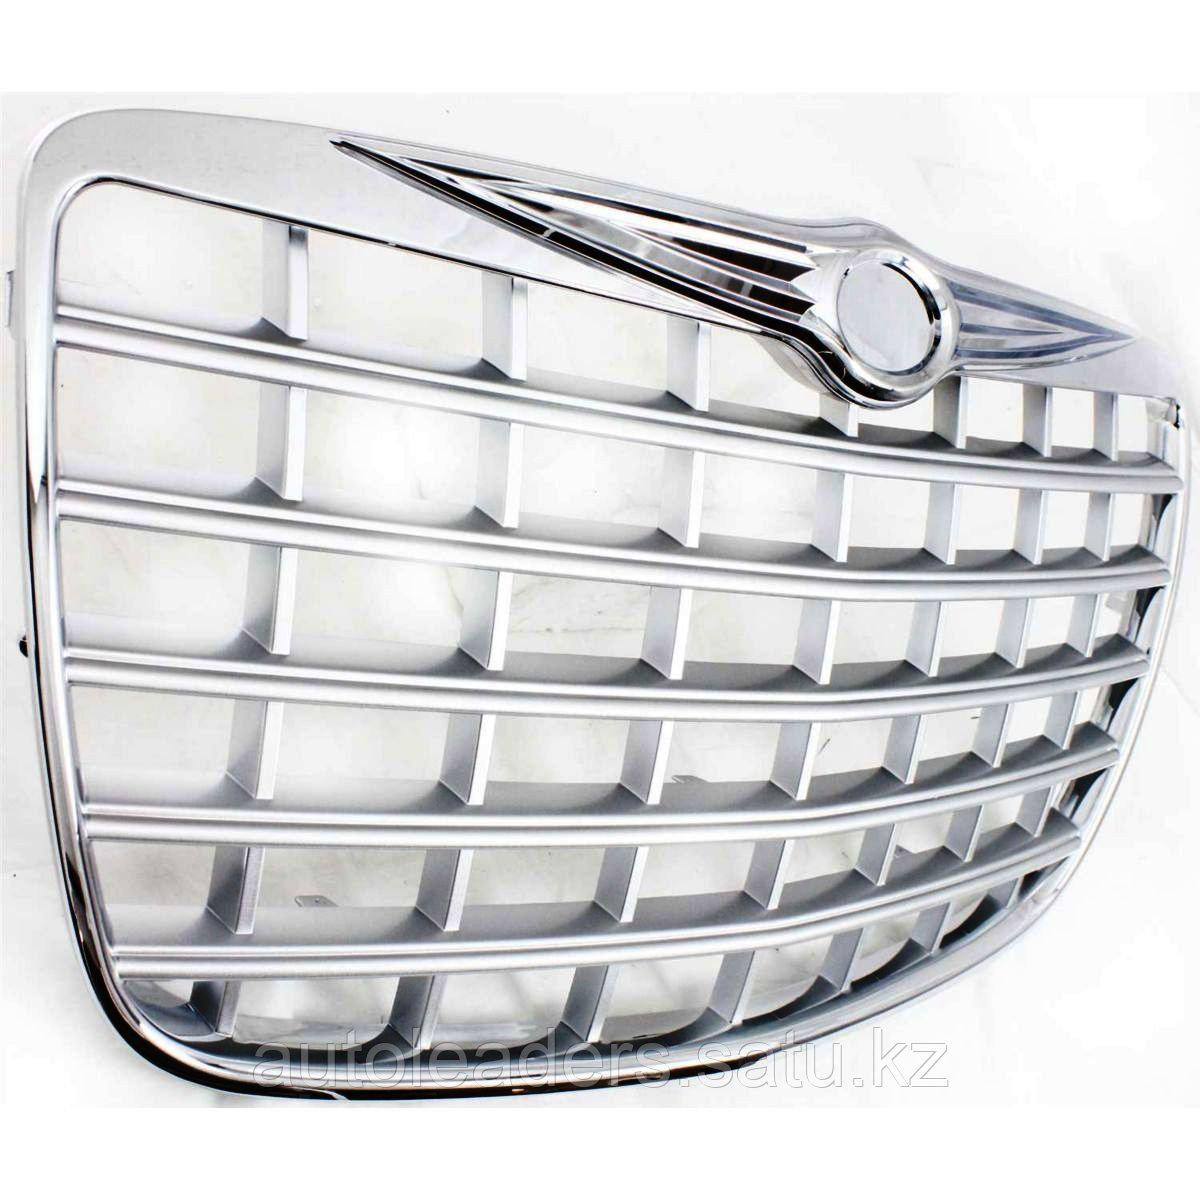 Решетка радиатора Chrysler 300C 2005-2010